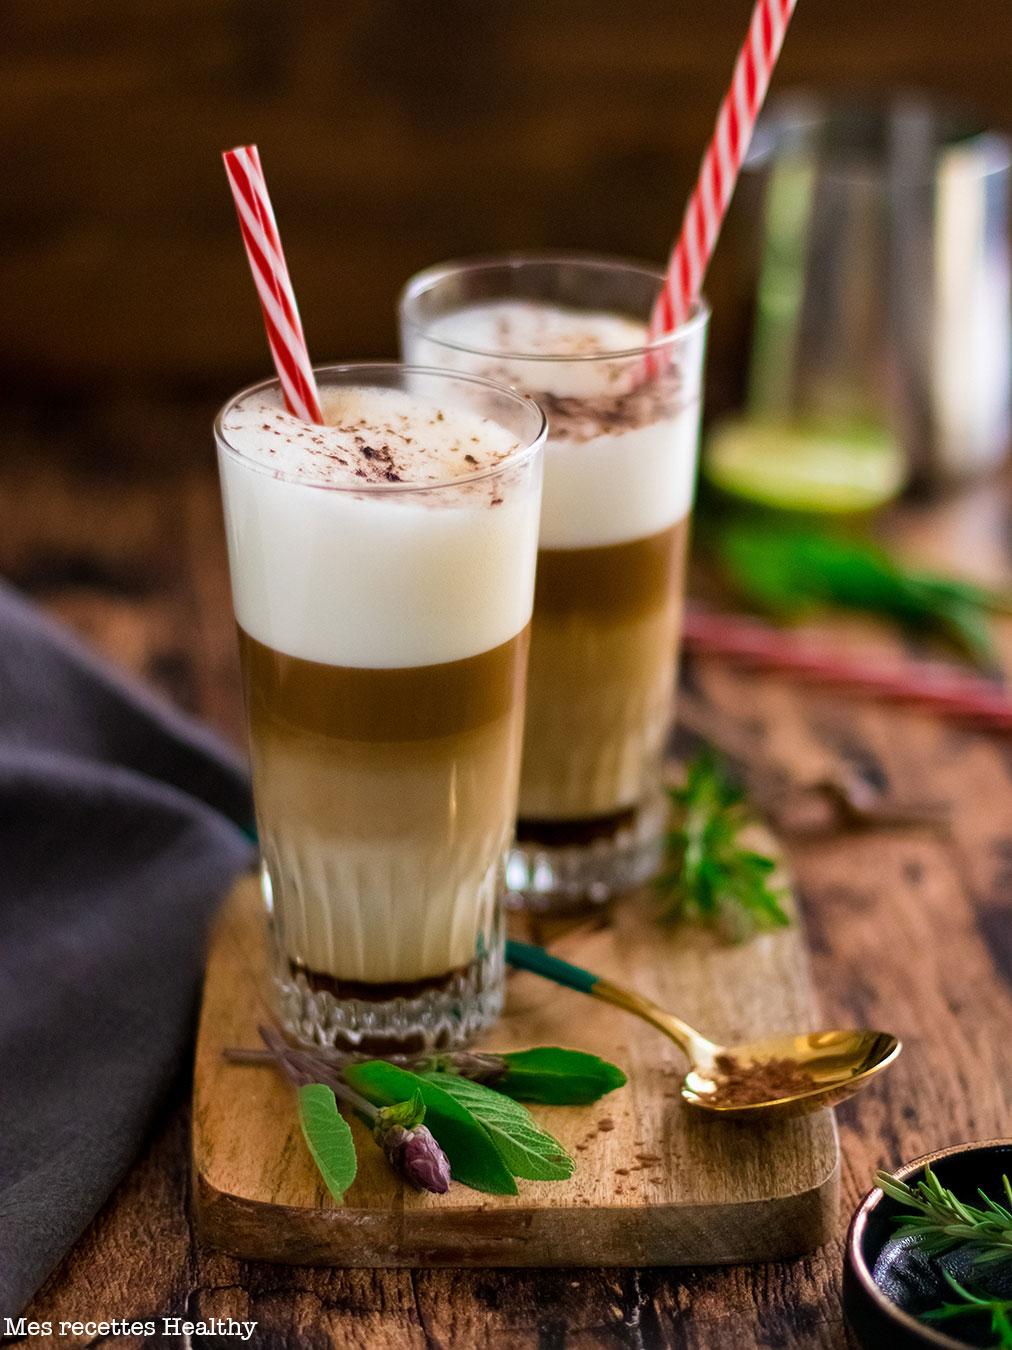 recette healthy-latte macchiato-cafe-mousse-lait